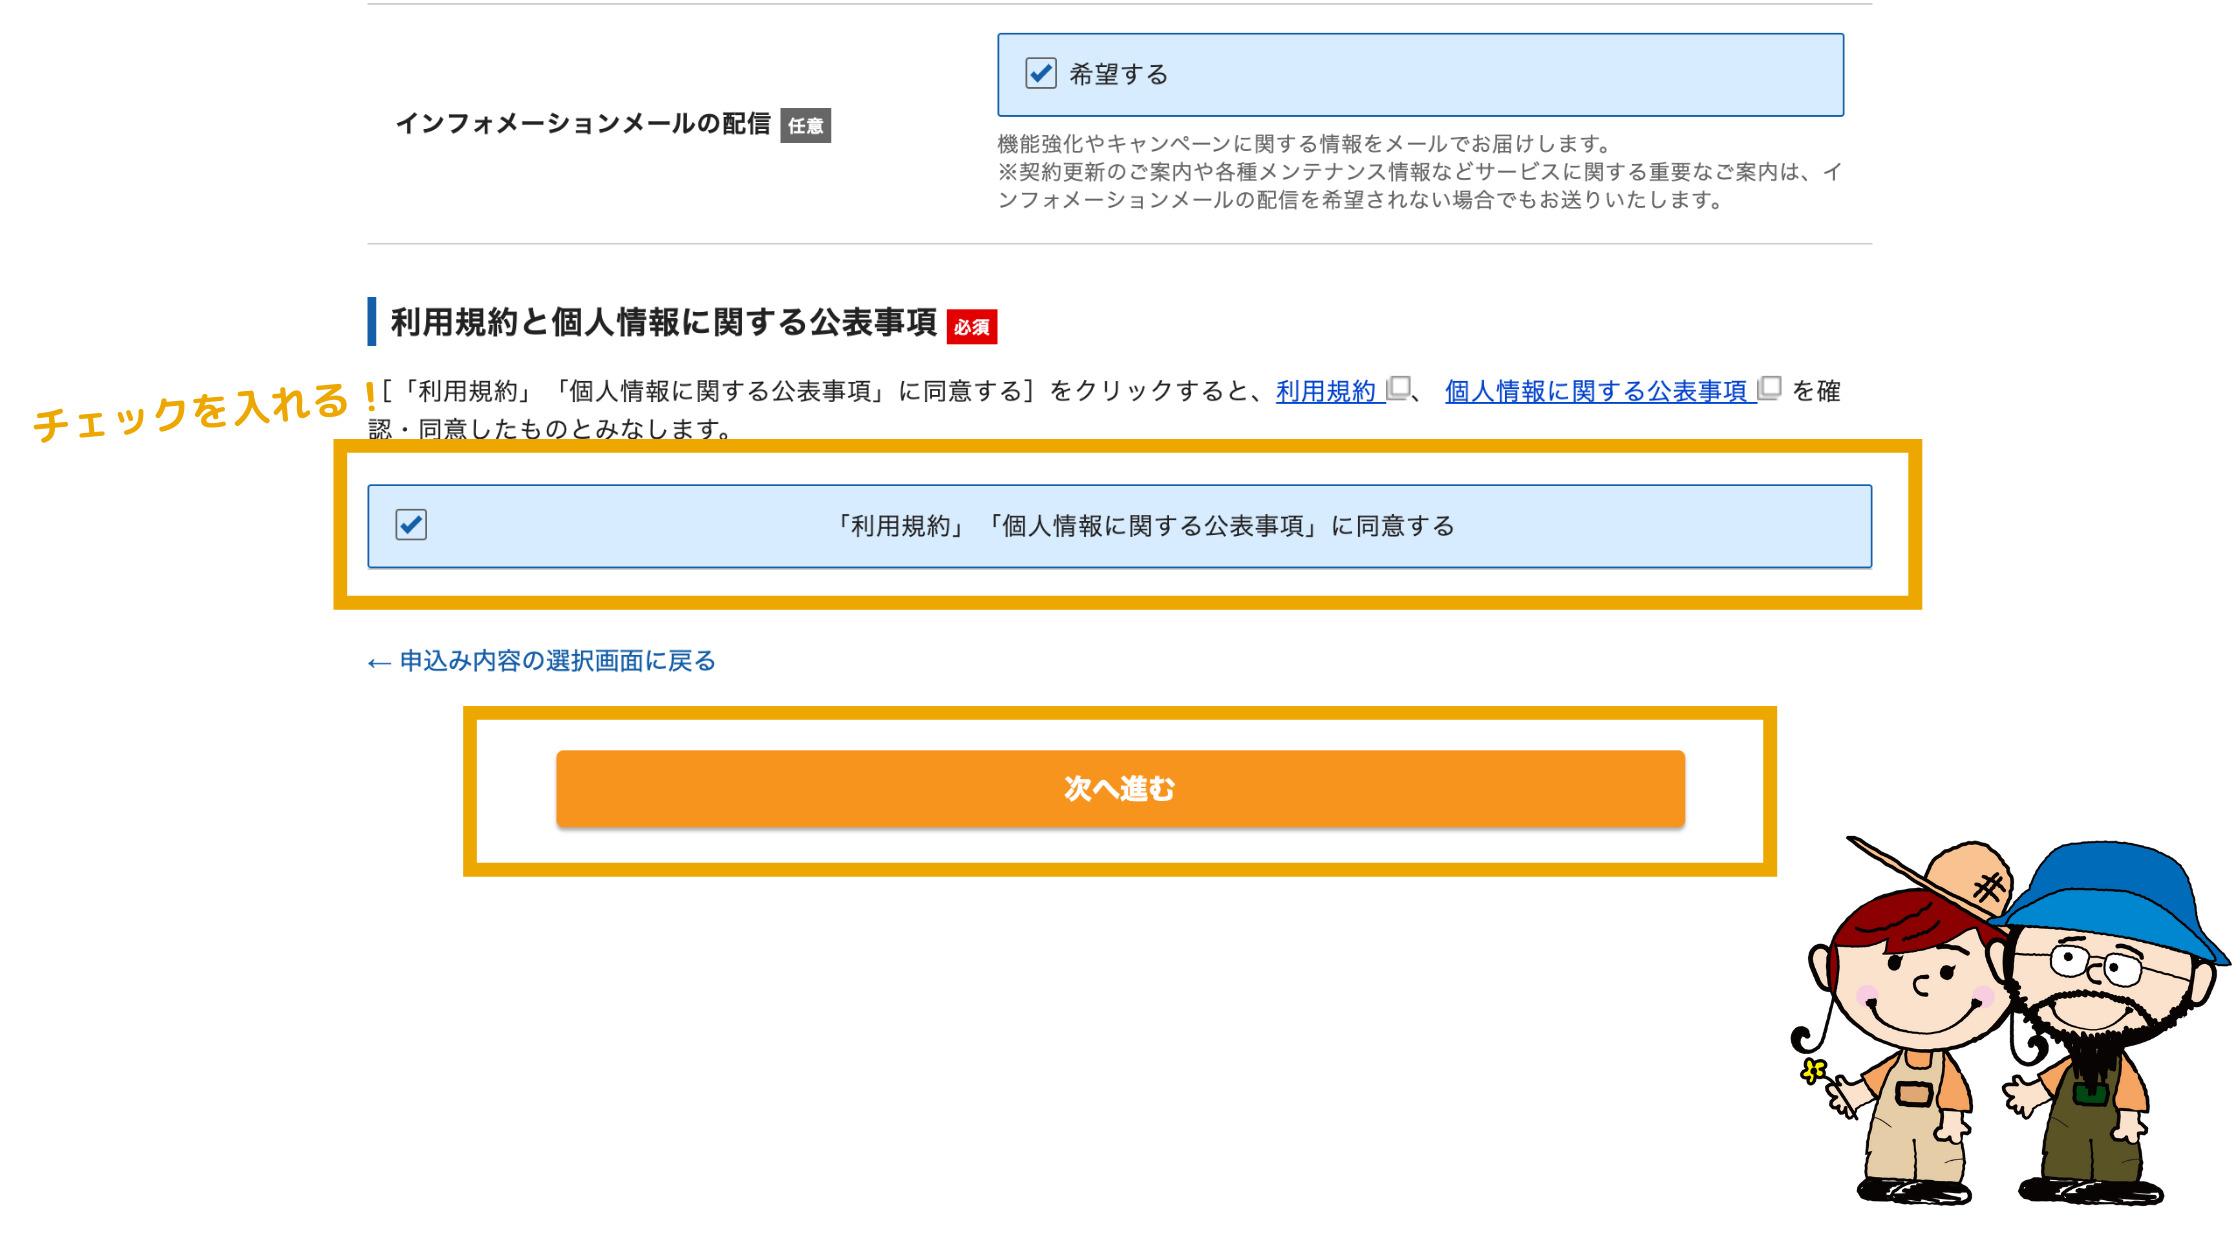 2. 登録情報を記入する